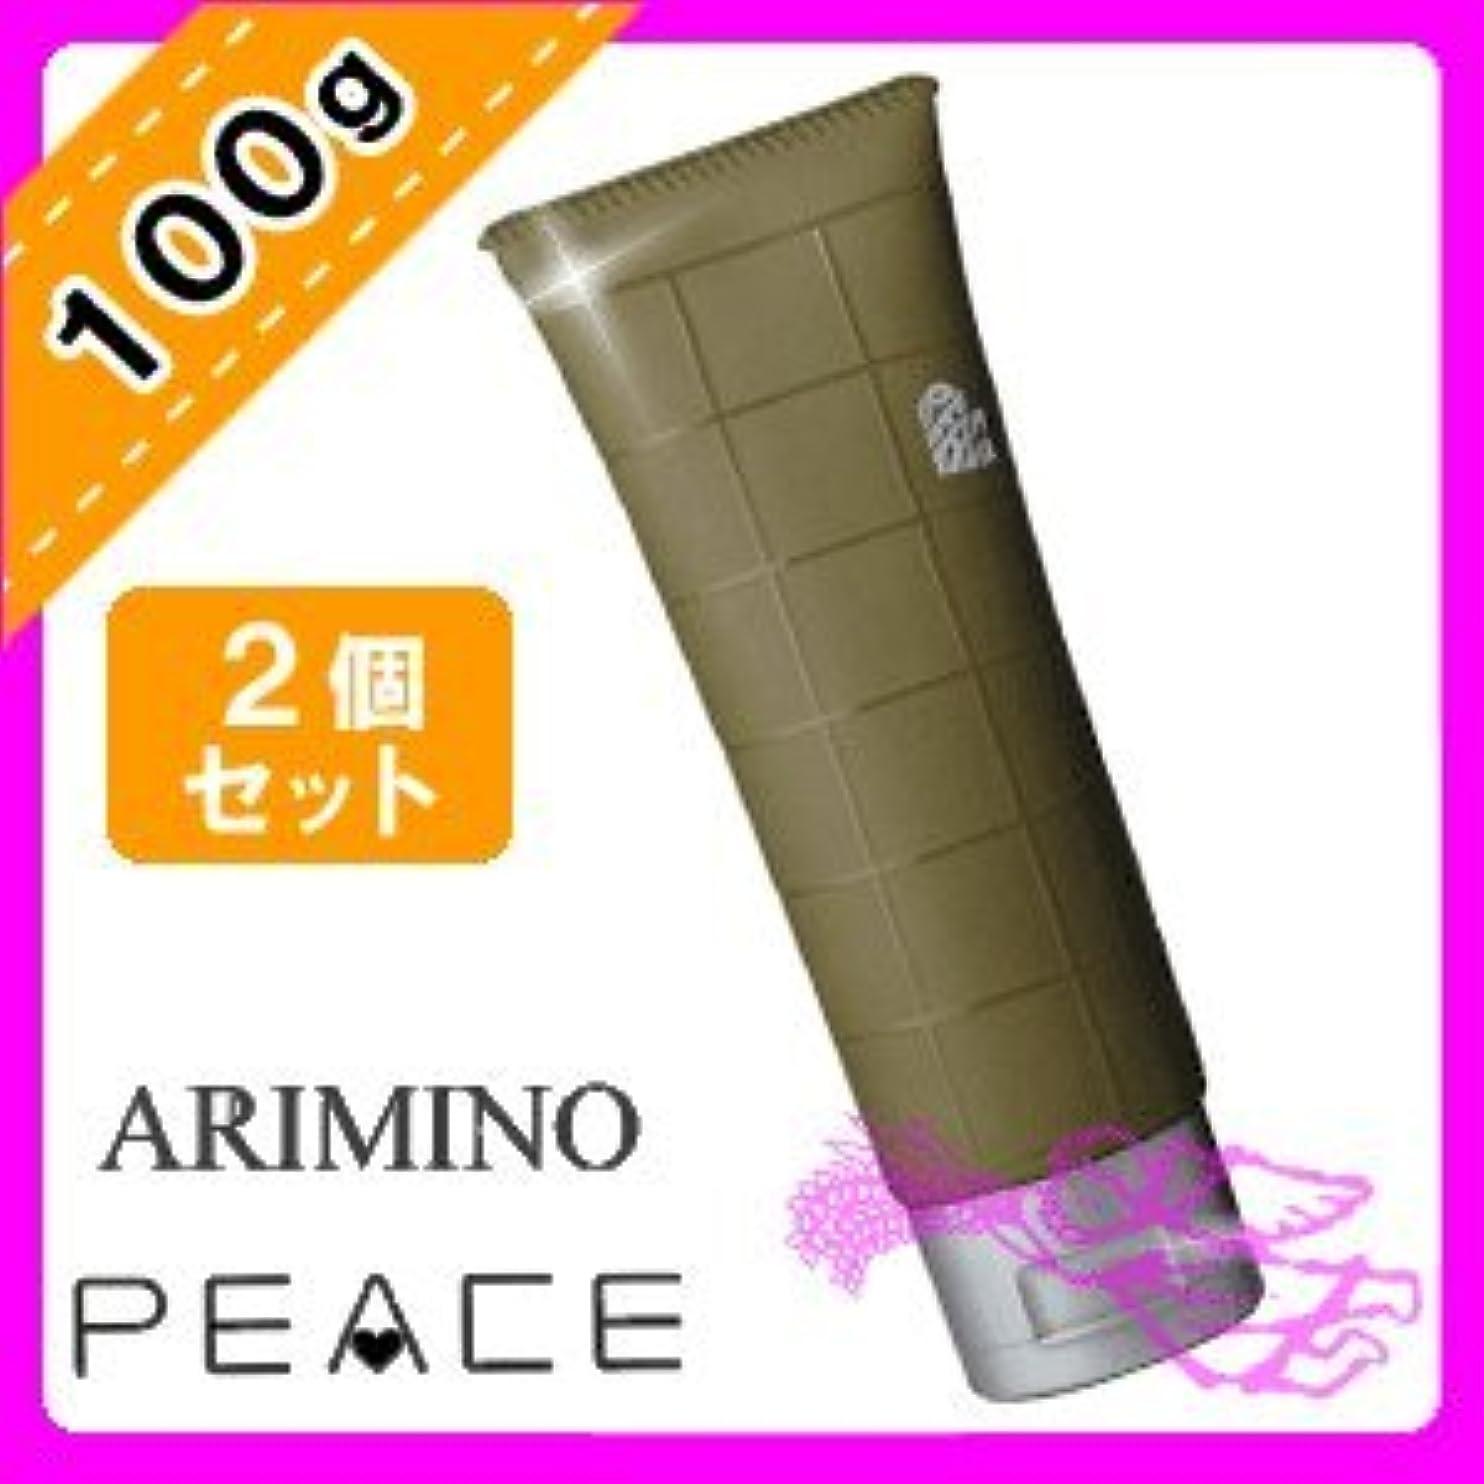 発症競争力のある作動するアリミノ ピース ウェットオイル ワックス 100g ×2個セット arimino PEACE